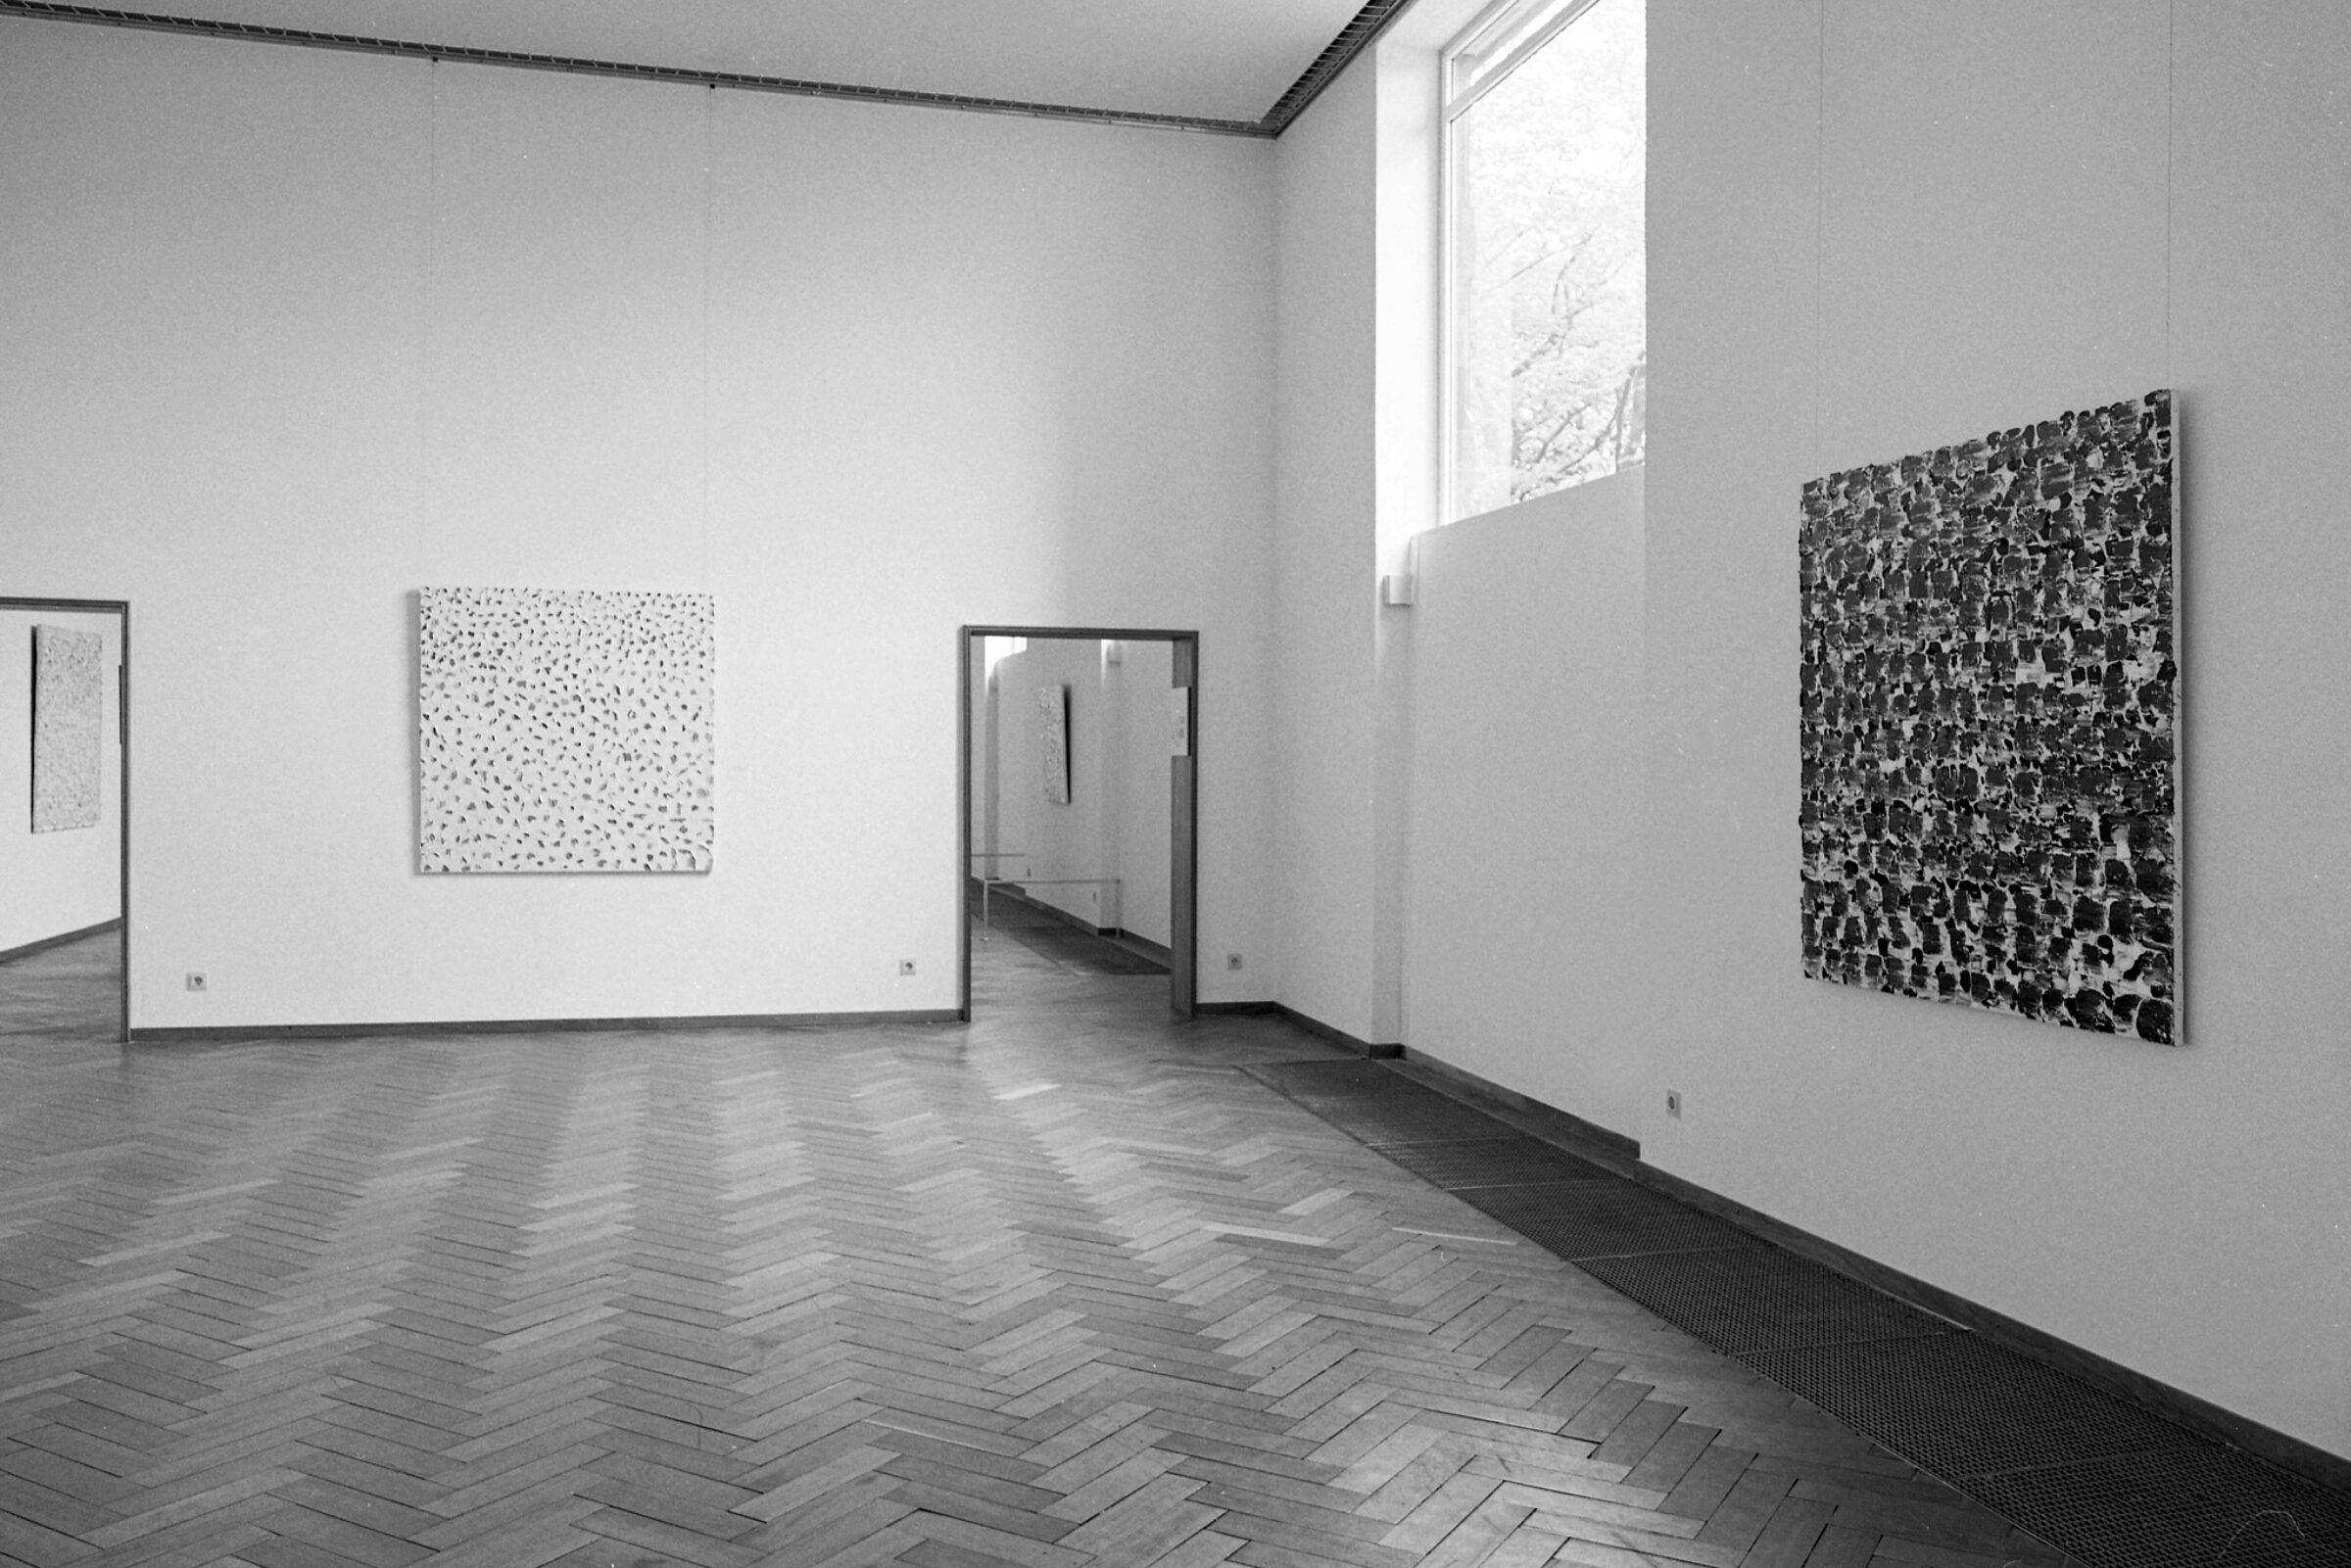 Eli-Content-Galerie-Onrust-1981-01.jpg